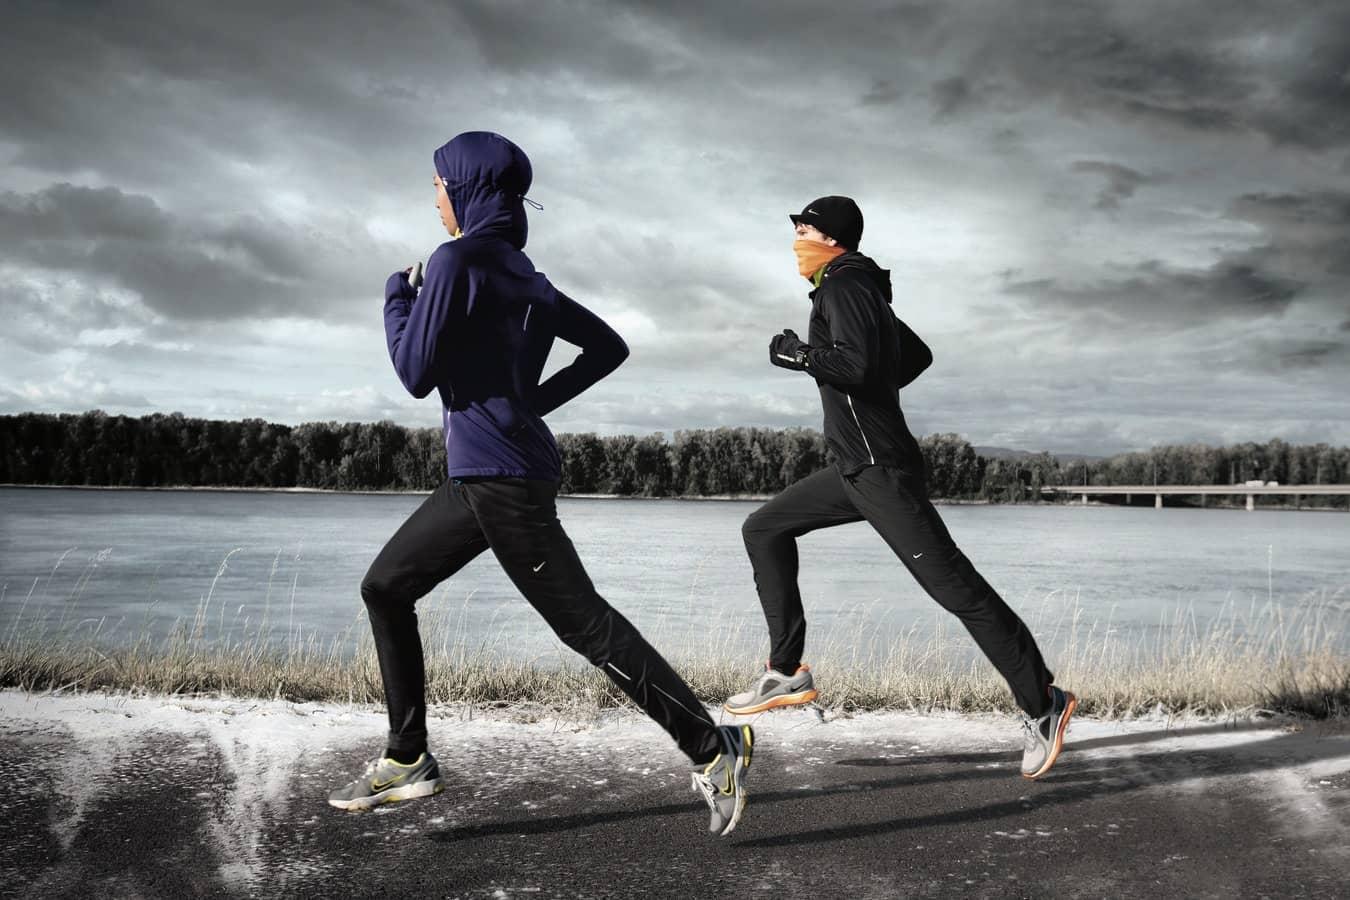 Correre con le basse temperature: che cosa indossare per raggiungere i massimi risultati